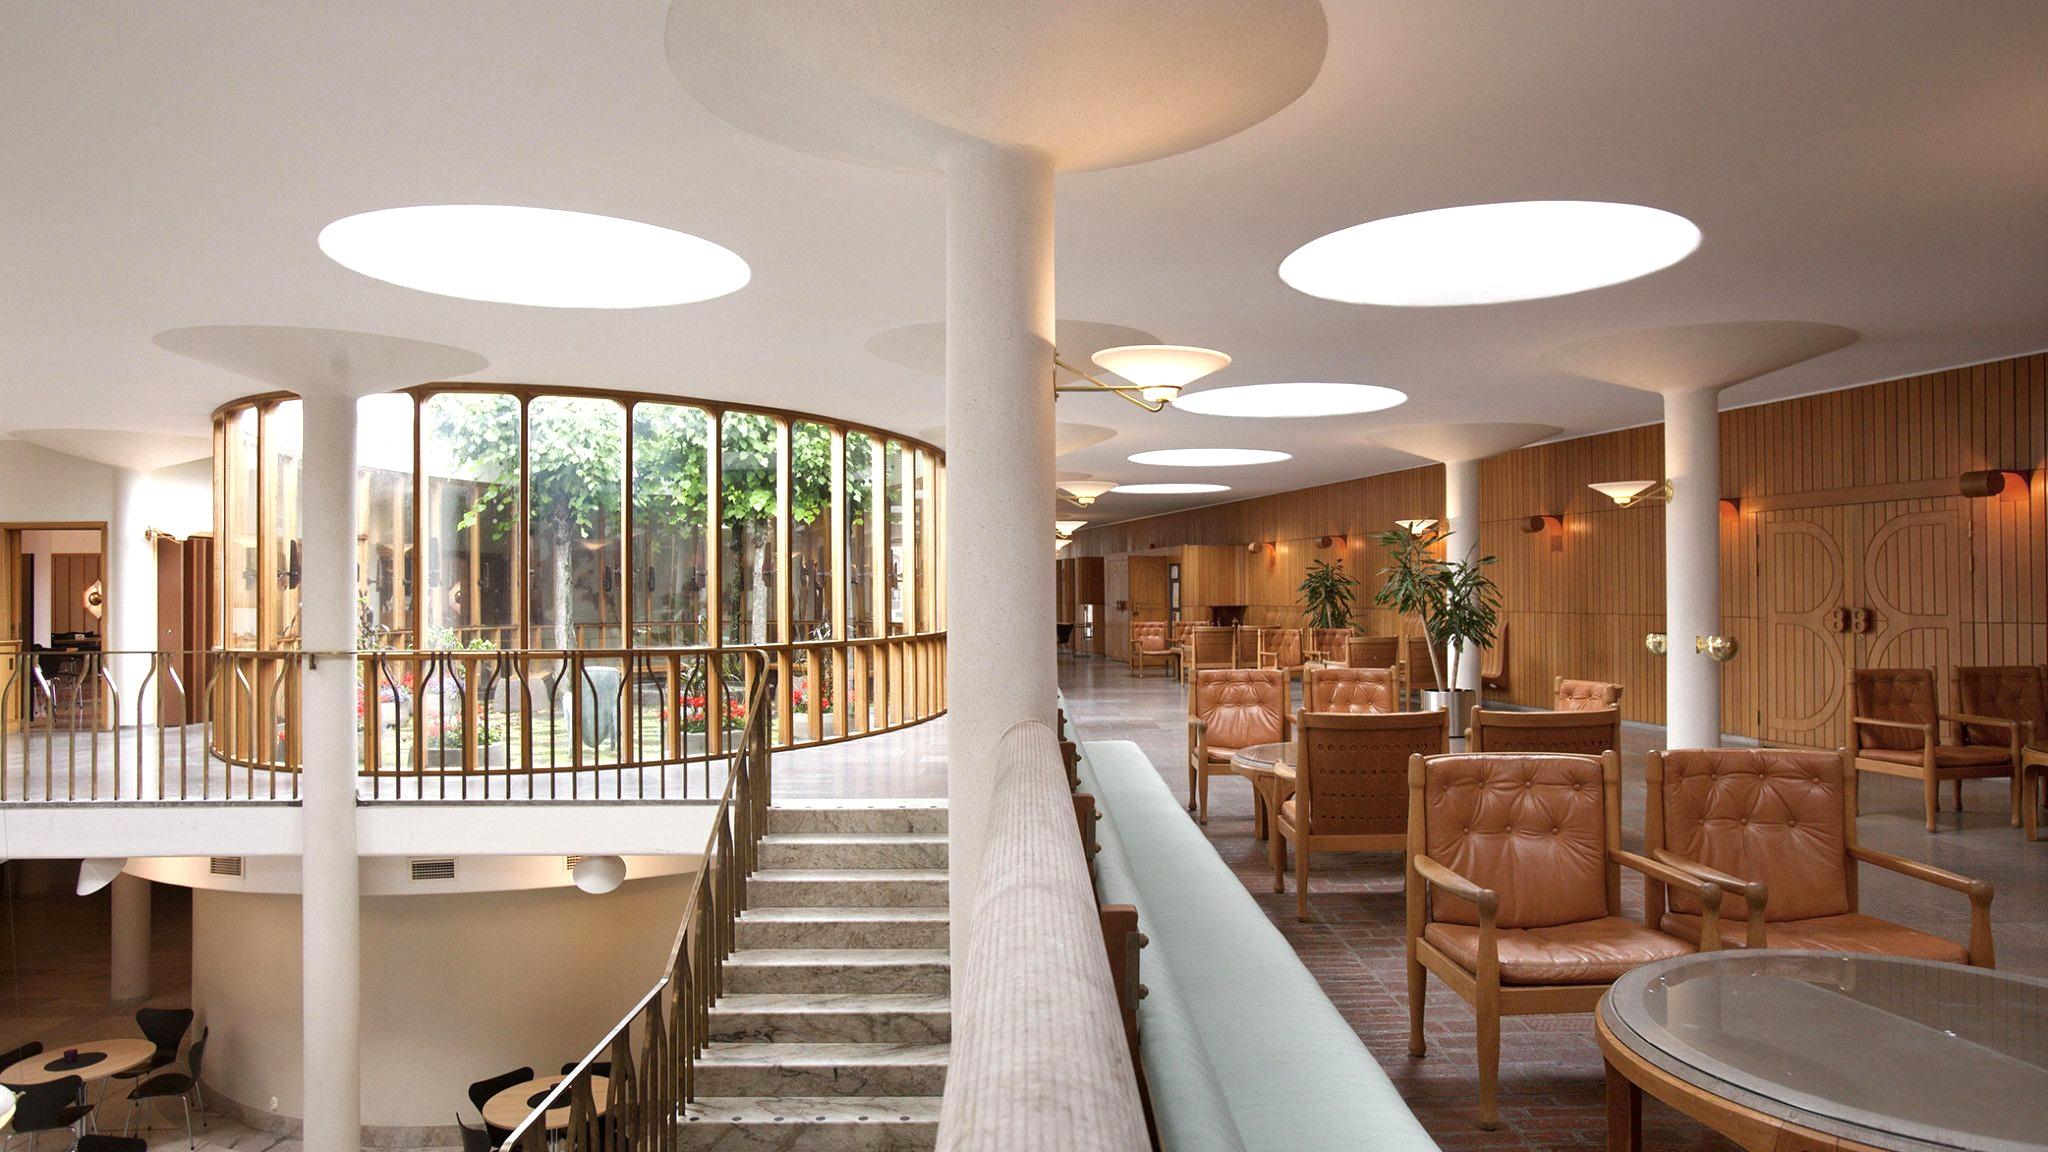 Vackra, ljusa Medborgarhuset i Eslöv ritat av arkitekten Hans Asplund